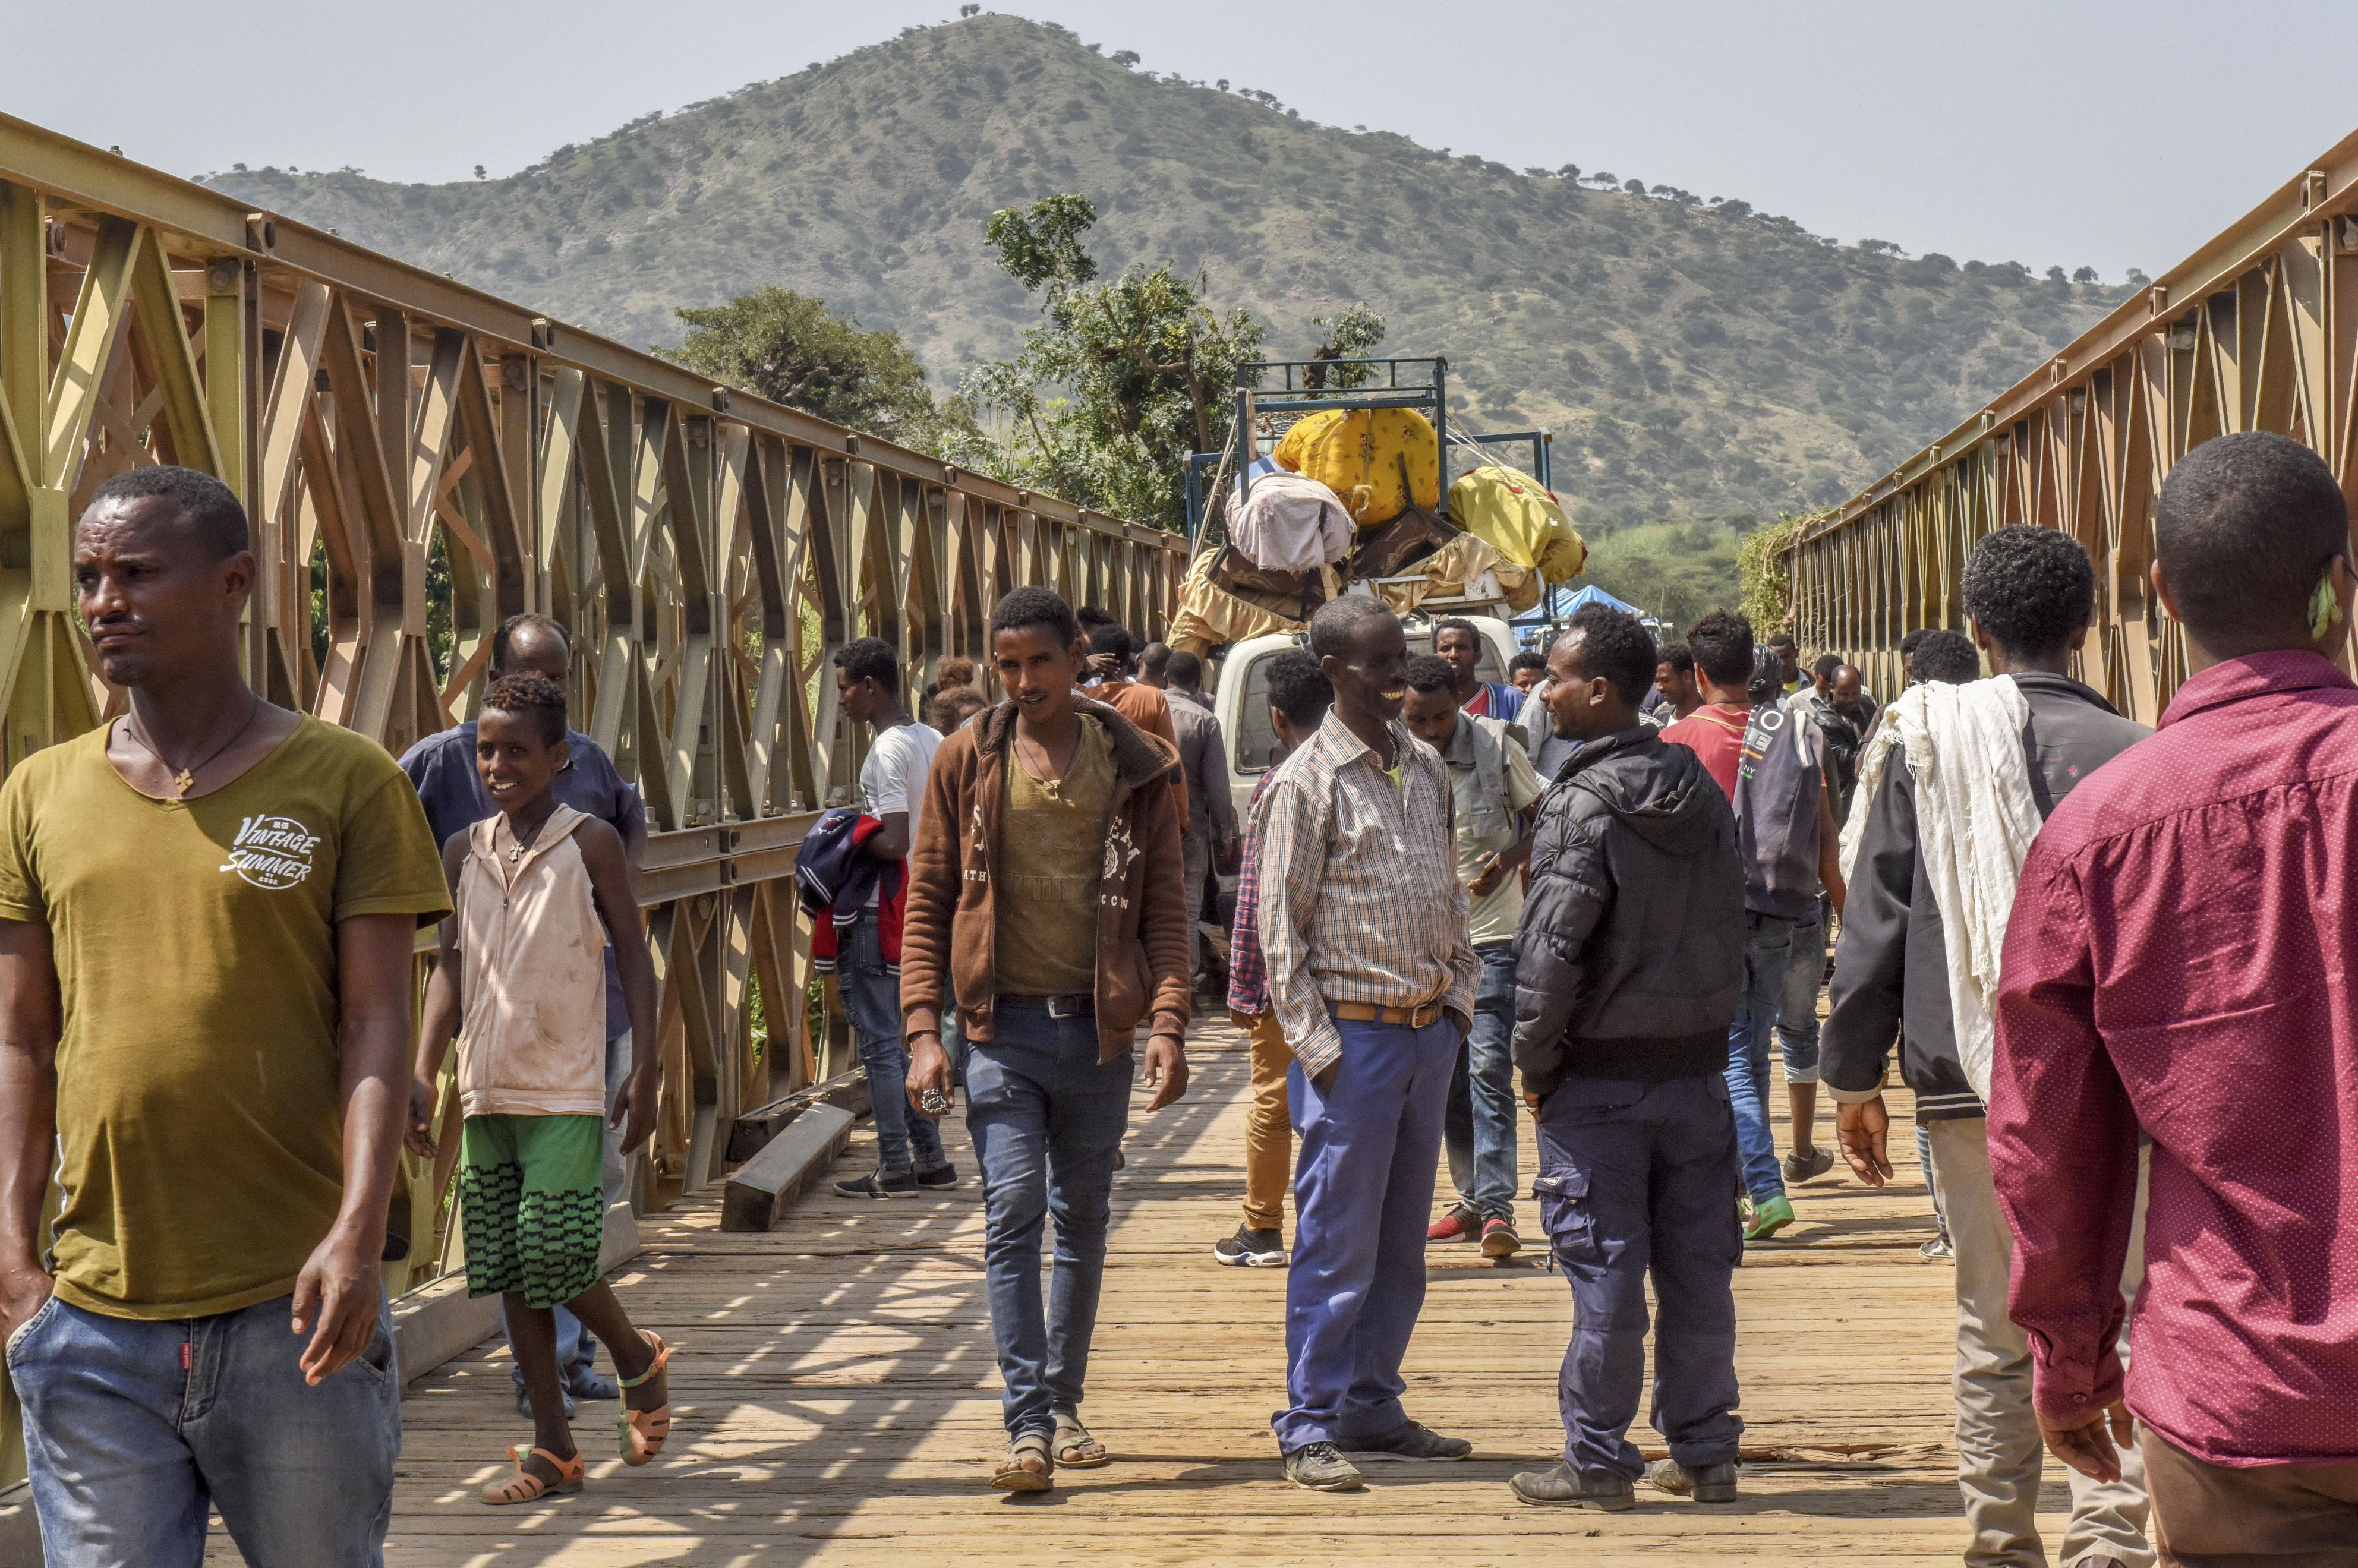 エリトリアとエチオピアの国境の川に架かる橋。多くの住民が20年ぶりの再会を祝い、様子を見に訪れていた=9月(共同)